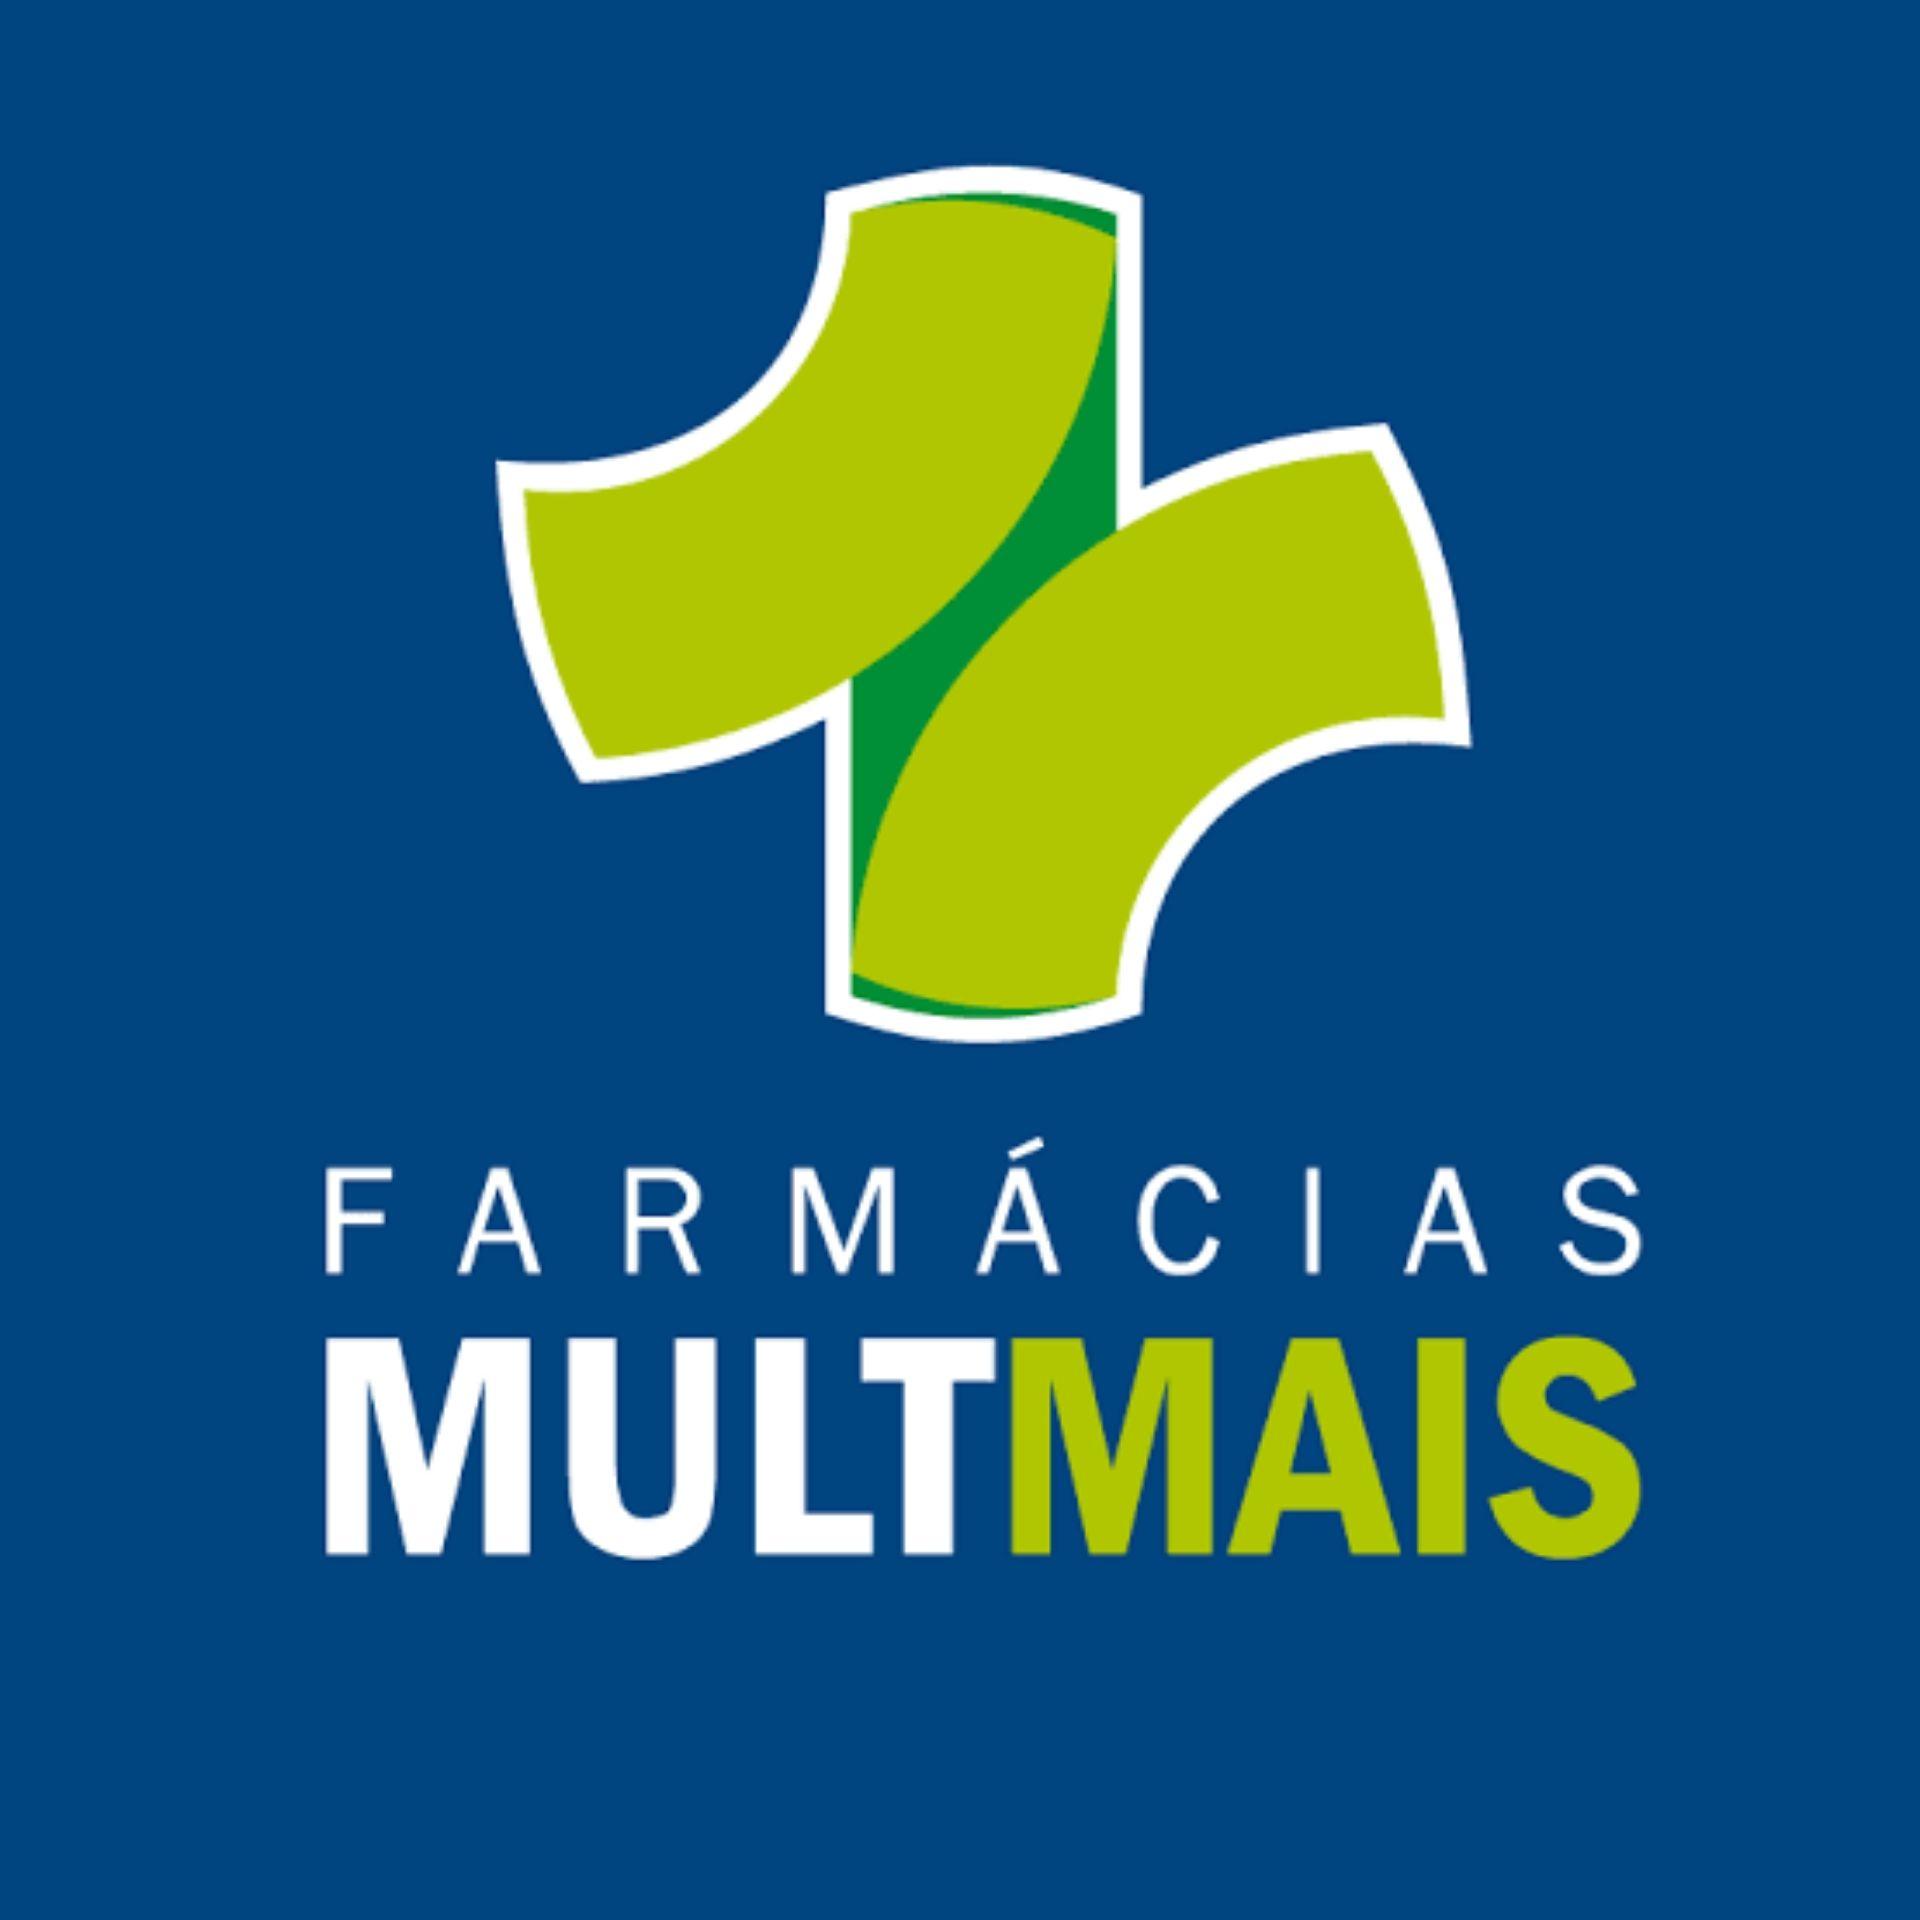 Farmácias MultMais